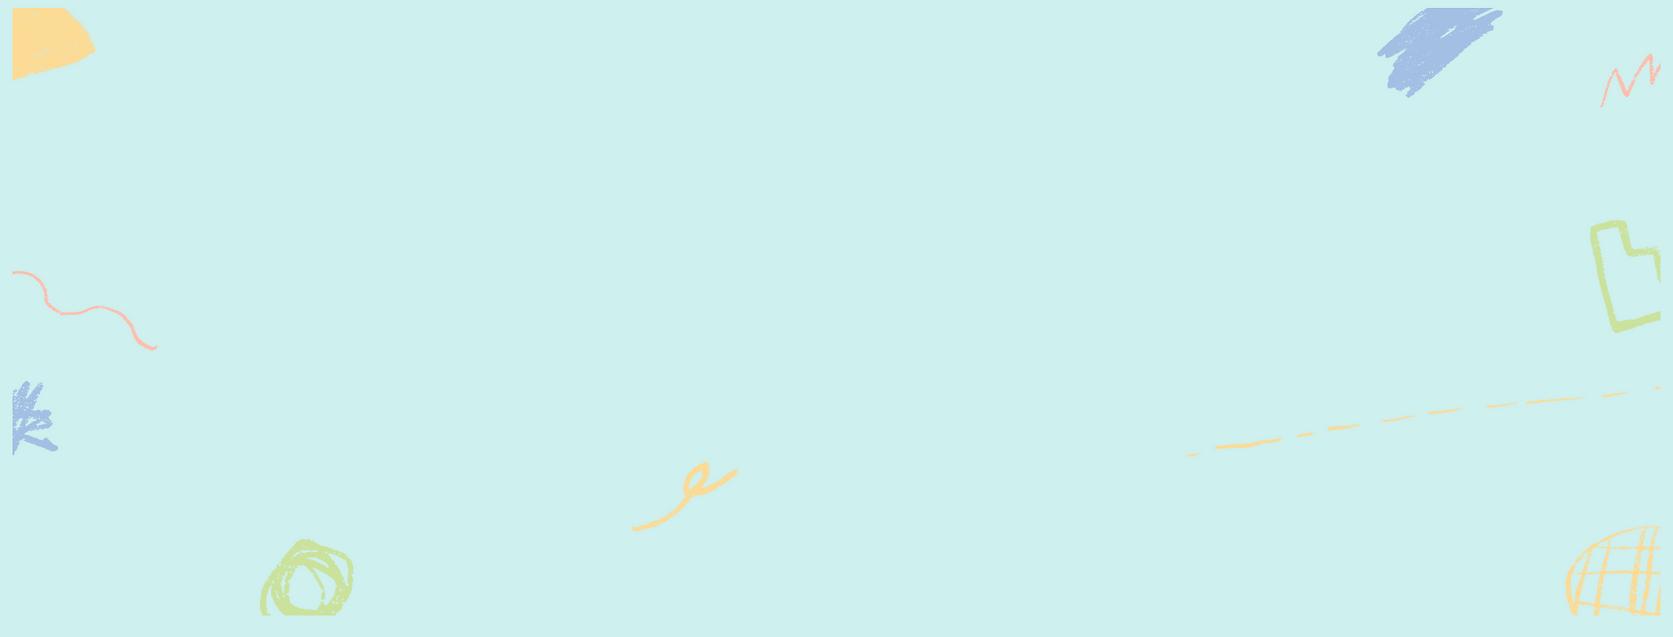 Screen Shot 2020-09-03 at 6.54.10 PM.png